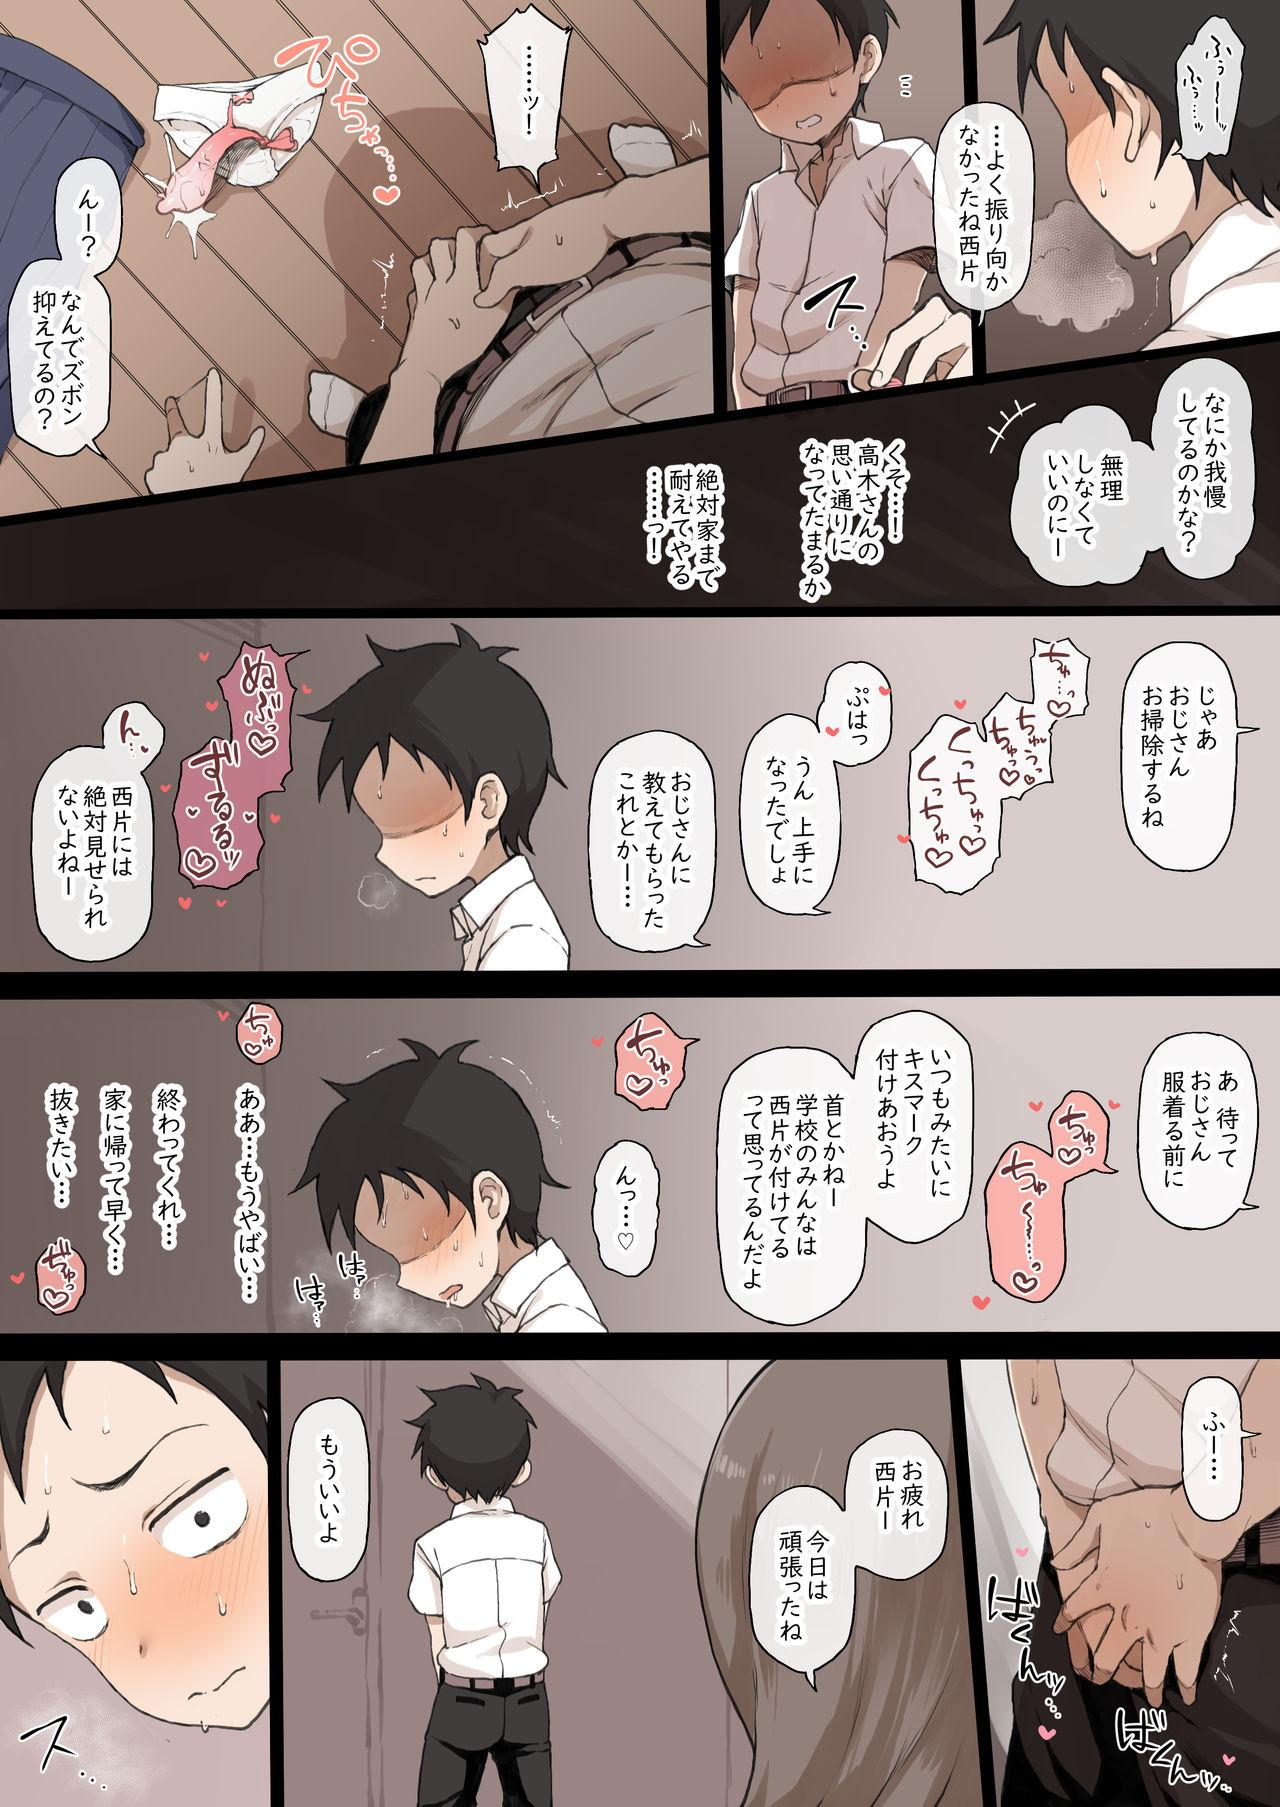 [Terasu MC] Takagi-san & Oji-san to Shoubu (Karakai Jouzu no Takagi-san) 4